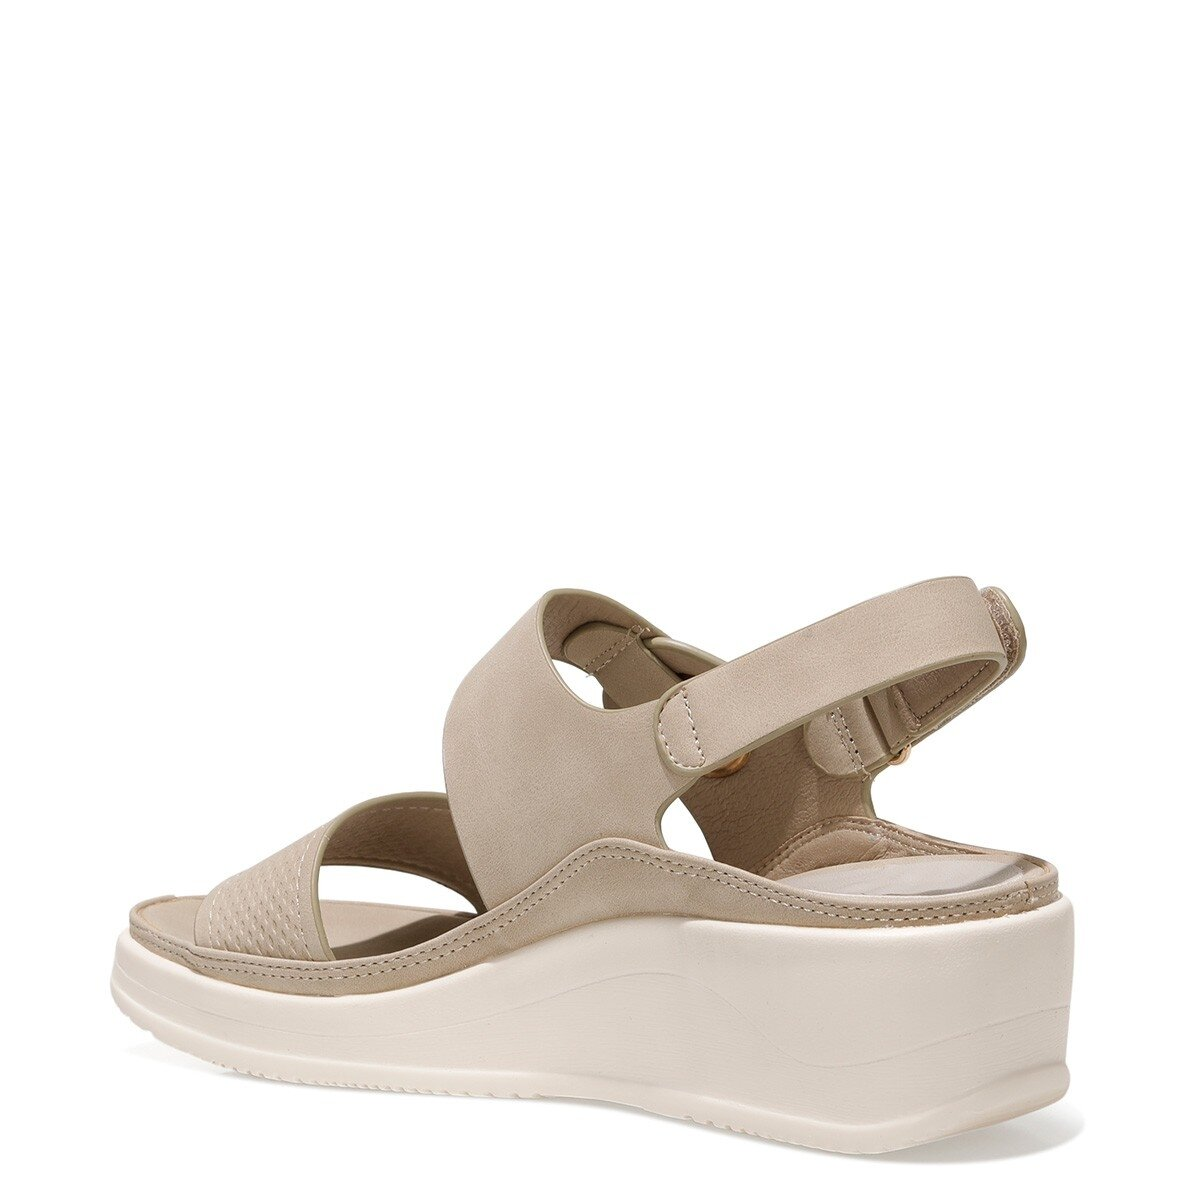 ACADDA 1FX Bej Kadın Sandalet